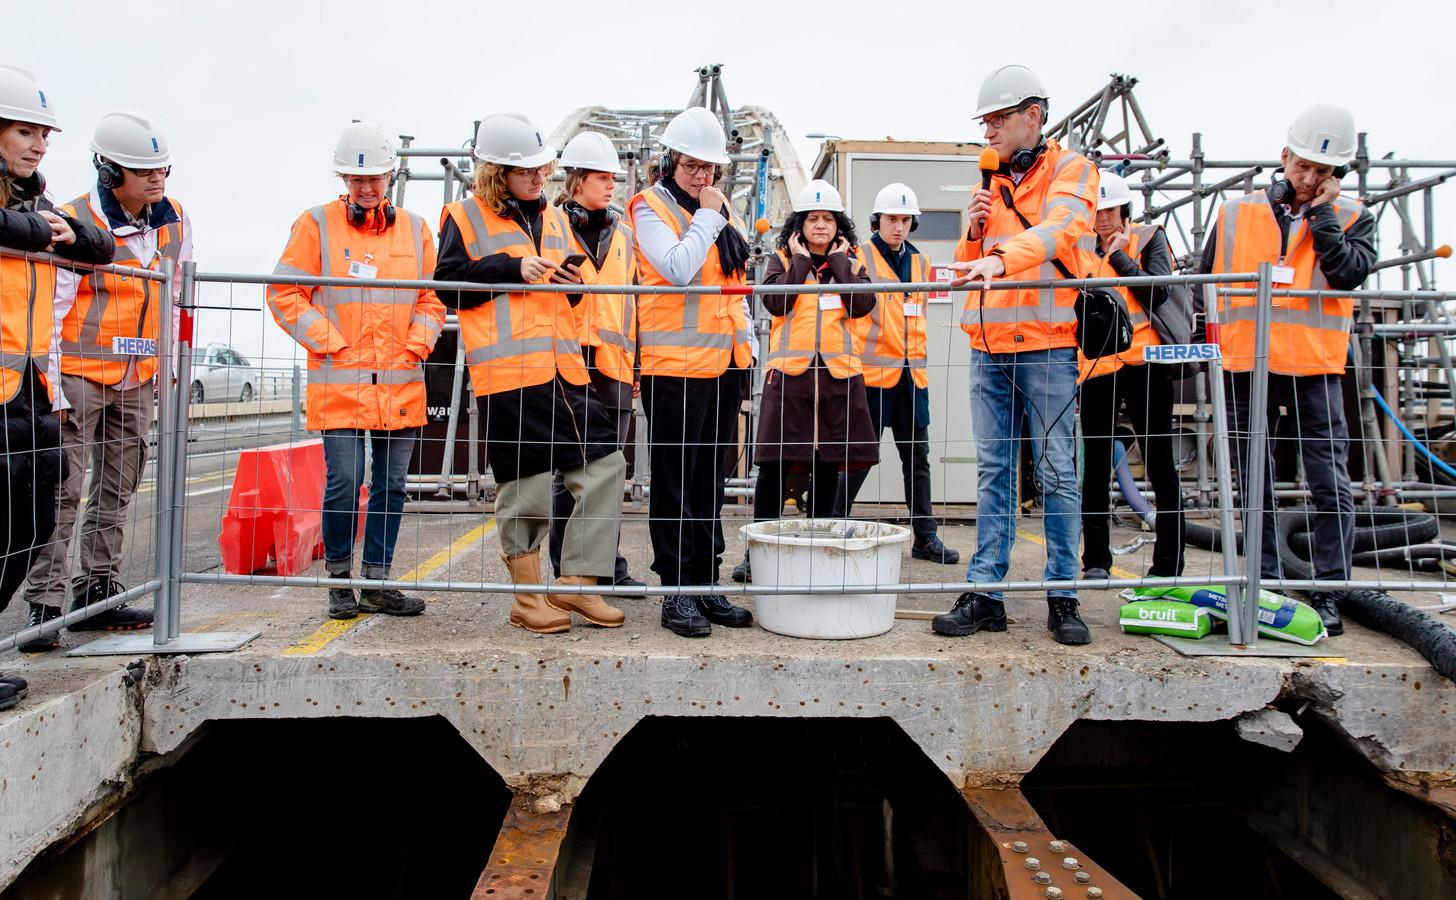 VVD-staatssecretaris Tamara van Ark (midden, met zwarte sjaal) krijgt tekst en uitleg over de chroom-6-werkzaamheden aan de Waalbrug van Marijn Rutten (man met microfoon)